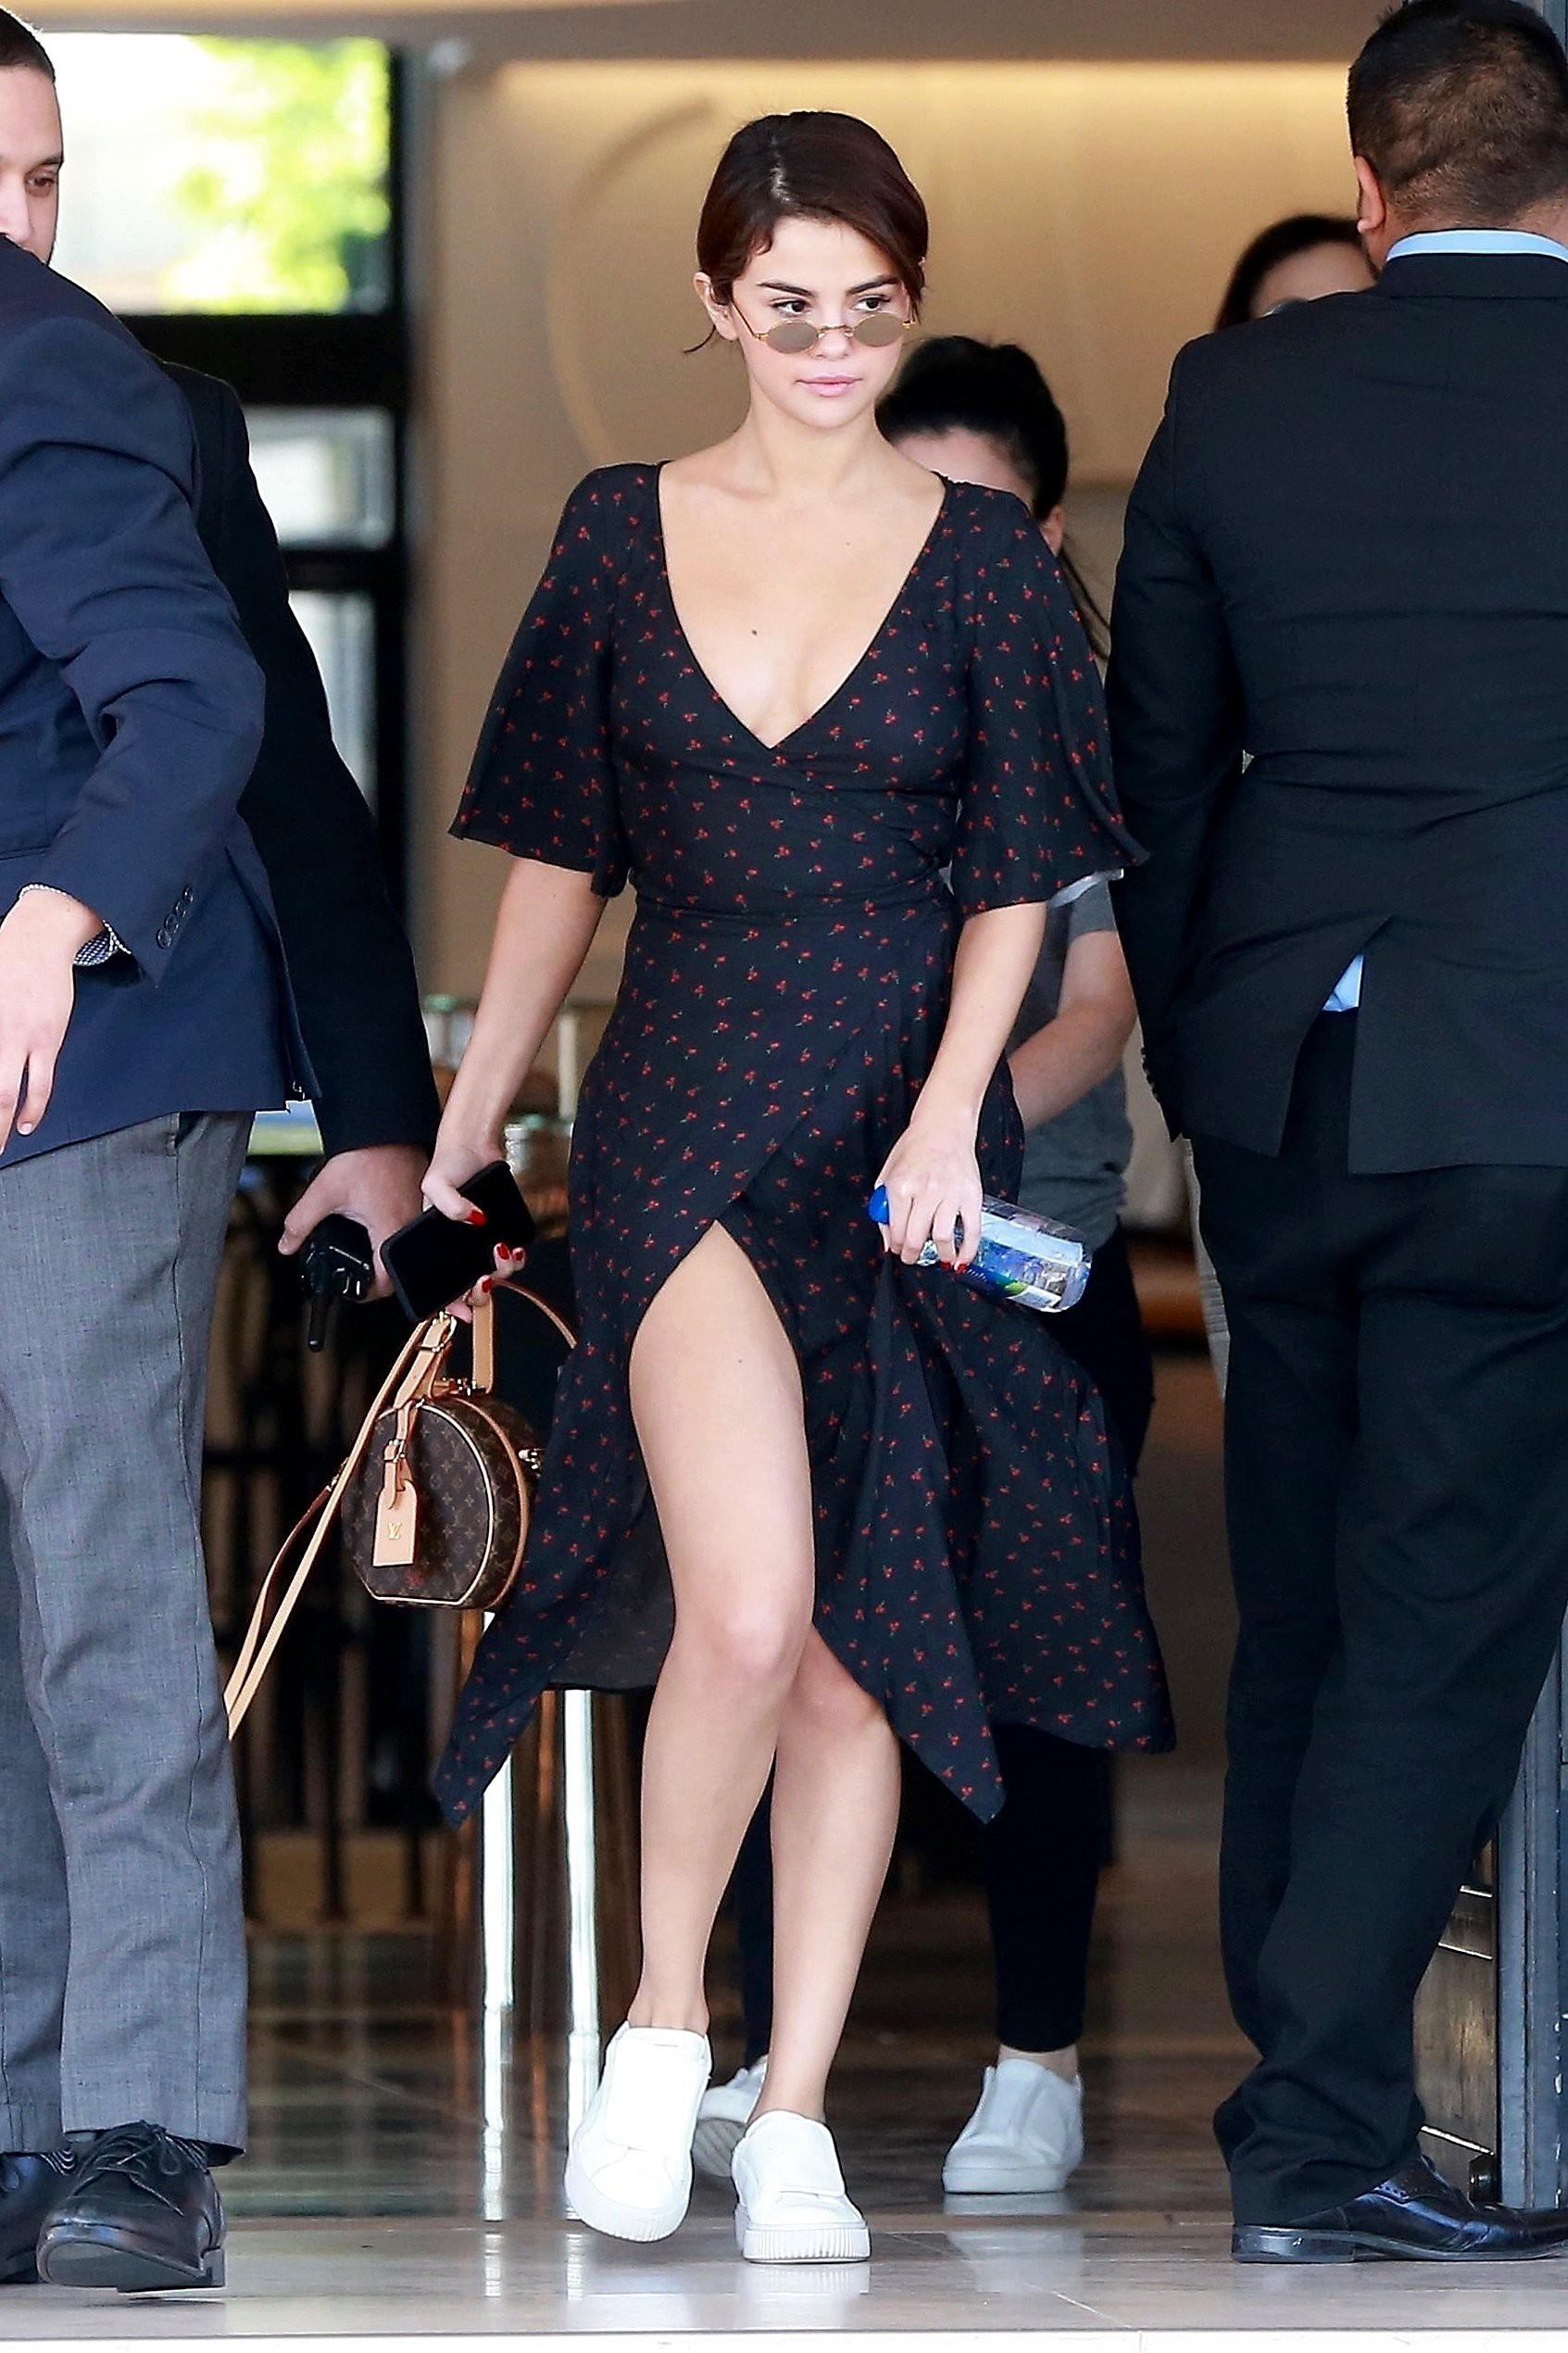 Đâu chỉ Selena Gomez, cả loạt tín đồ thời trang thế giới cũng đang mê đắm mẫu túi đắt đỏ này - Ảnh 3.